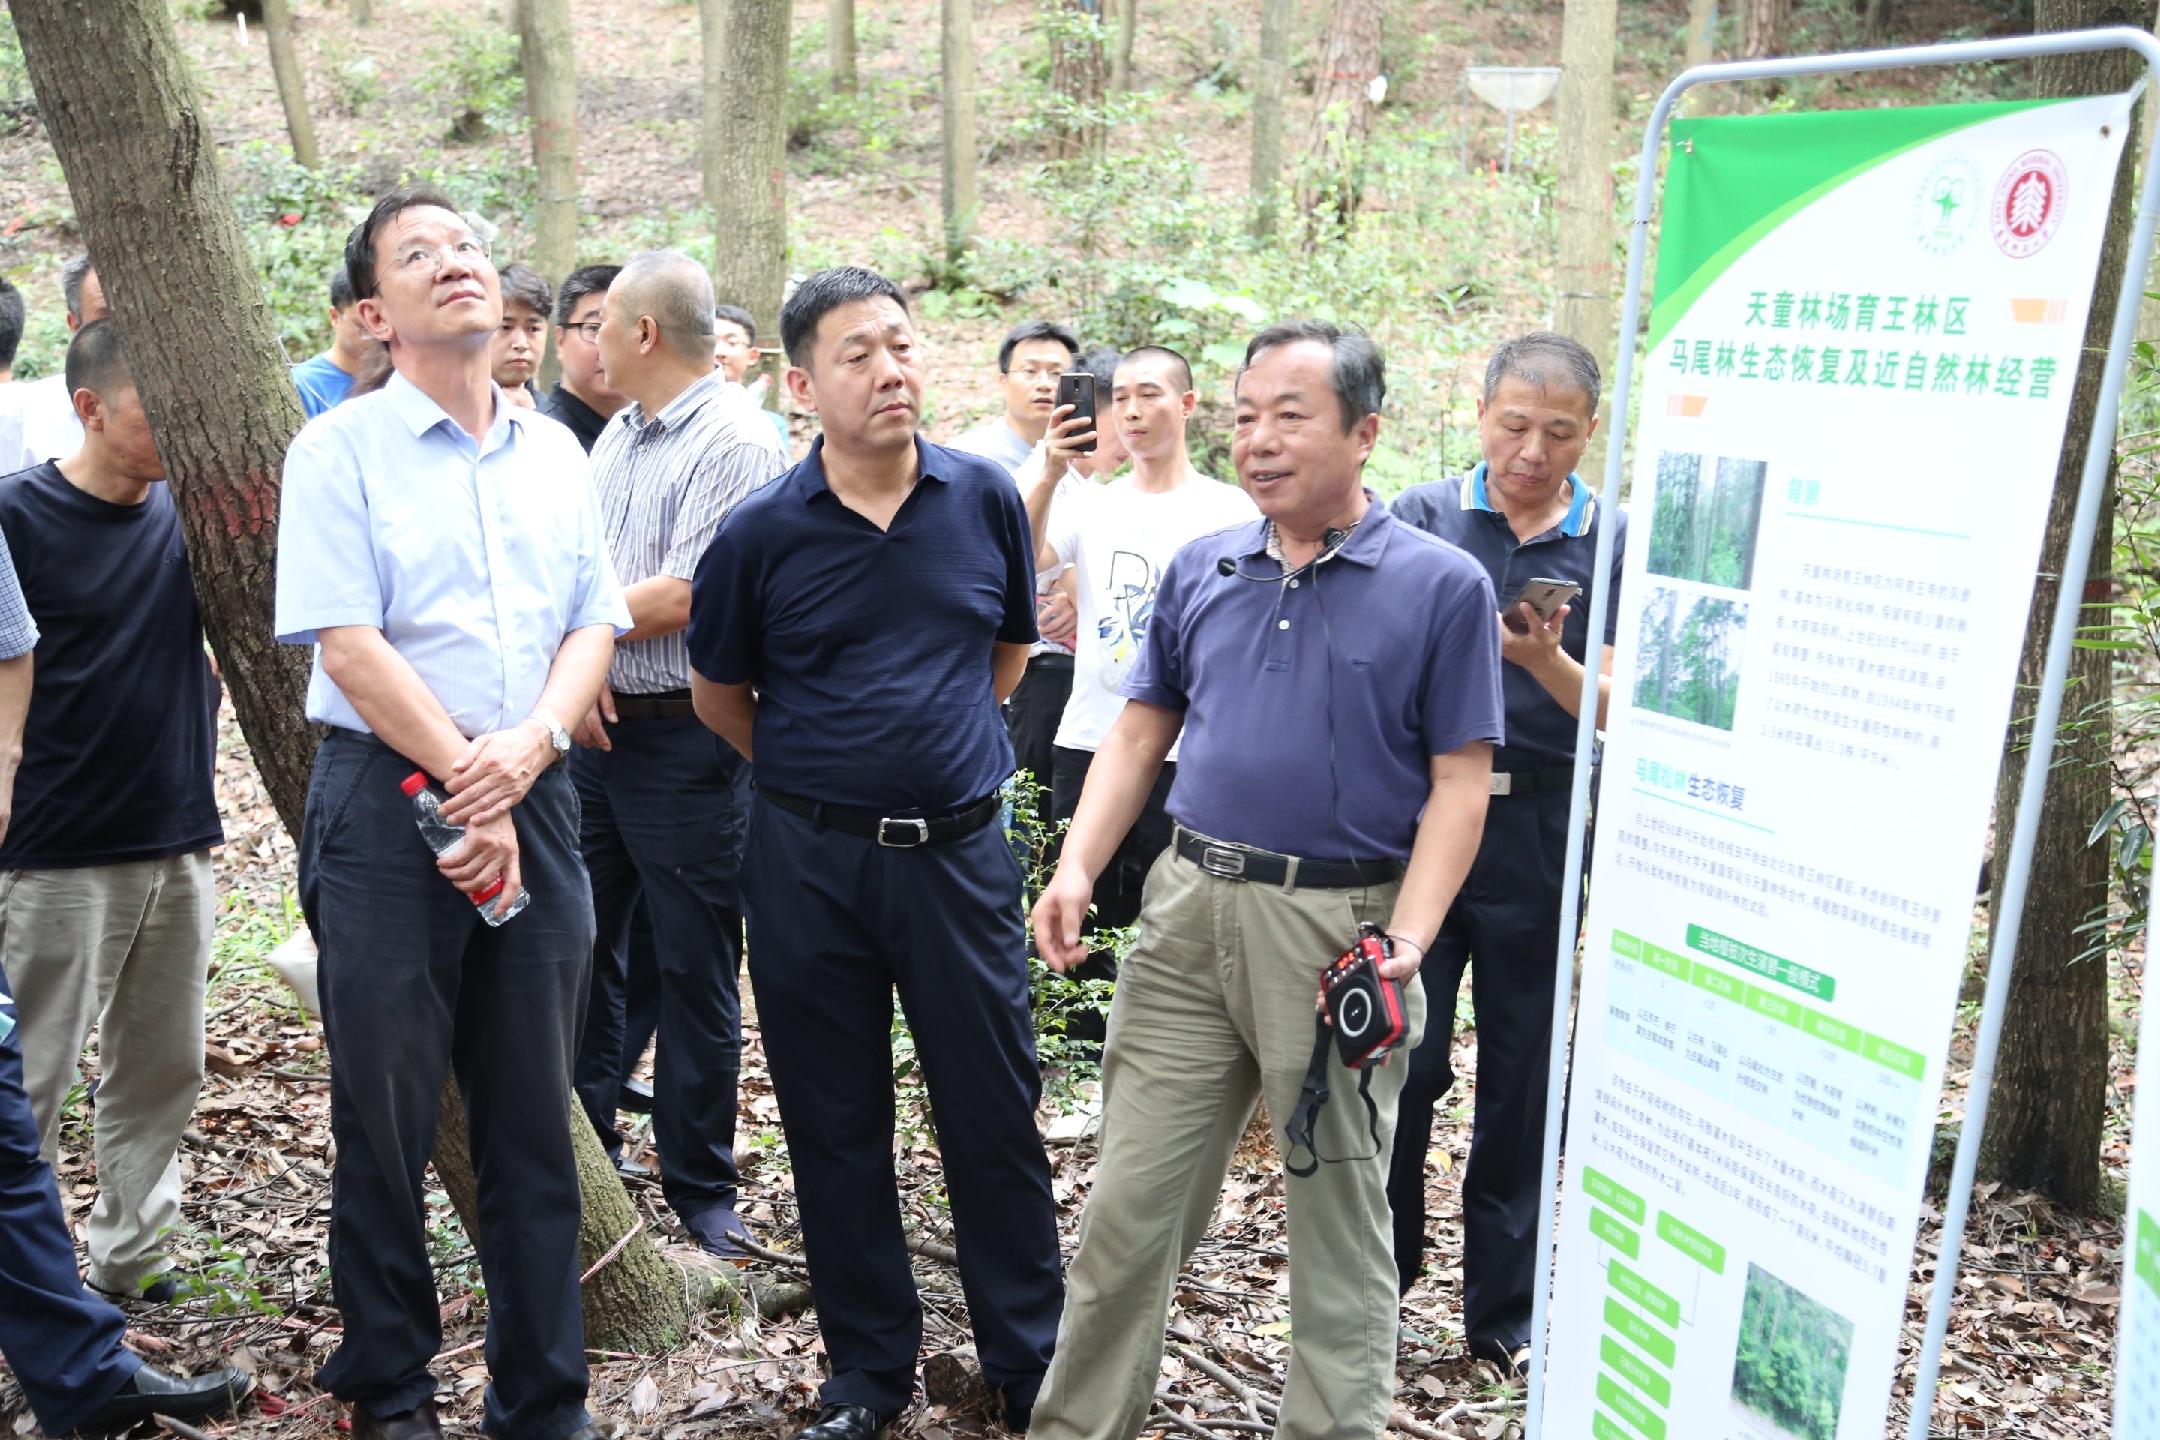 沪苏浙三省市地市林业局长和义务森林资源监督员到天童站育王样地参观学习